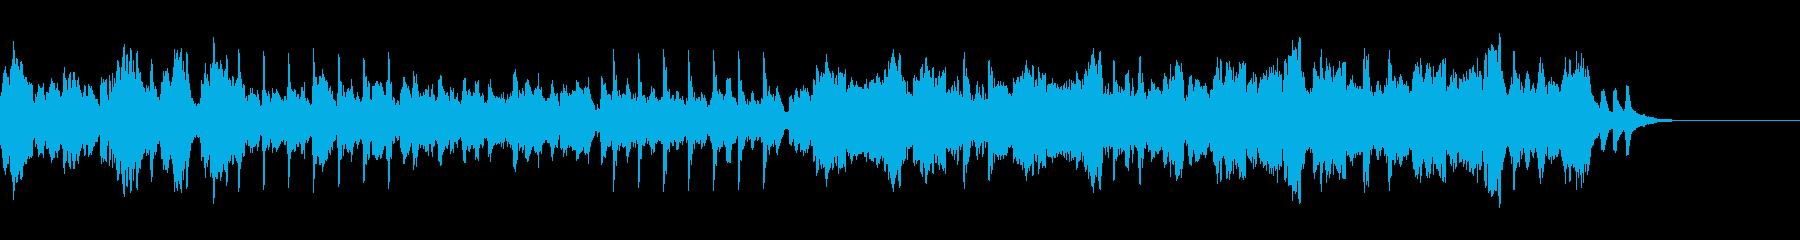 「疾走感」企業VP映像用オーケストラ爽快の再生済みの波形